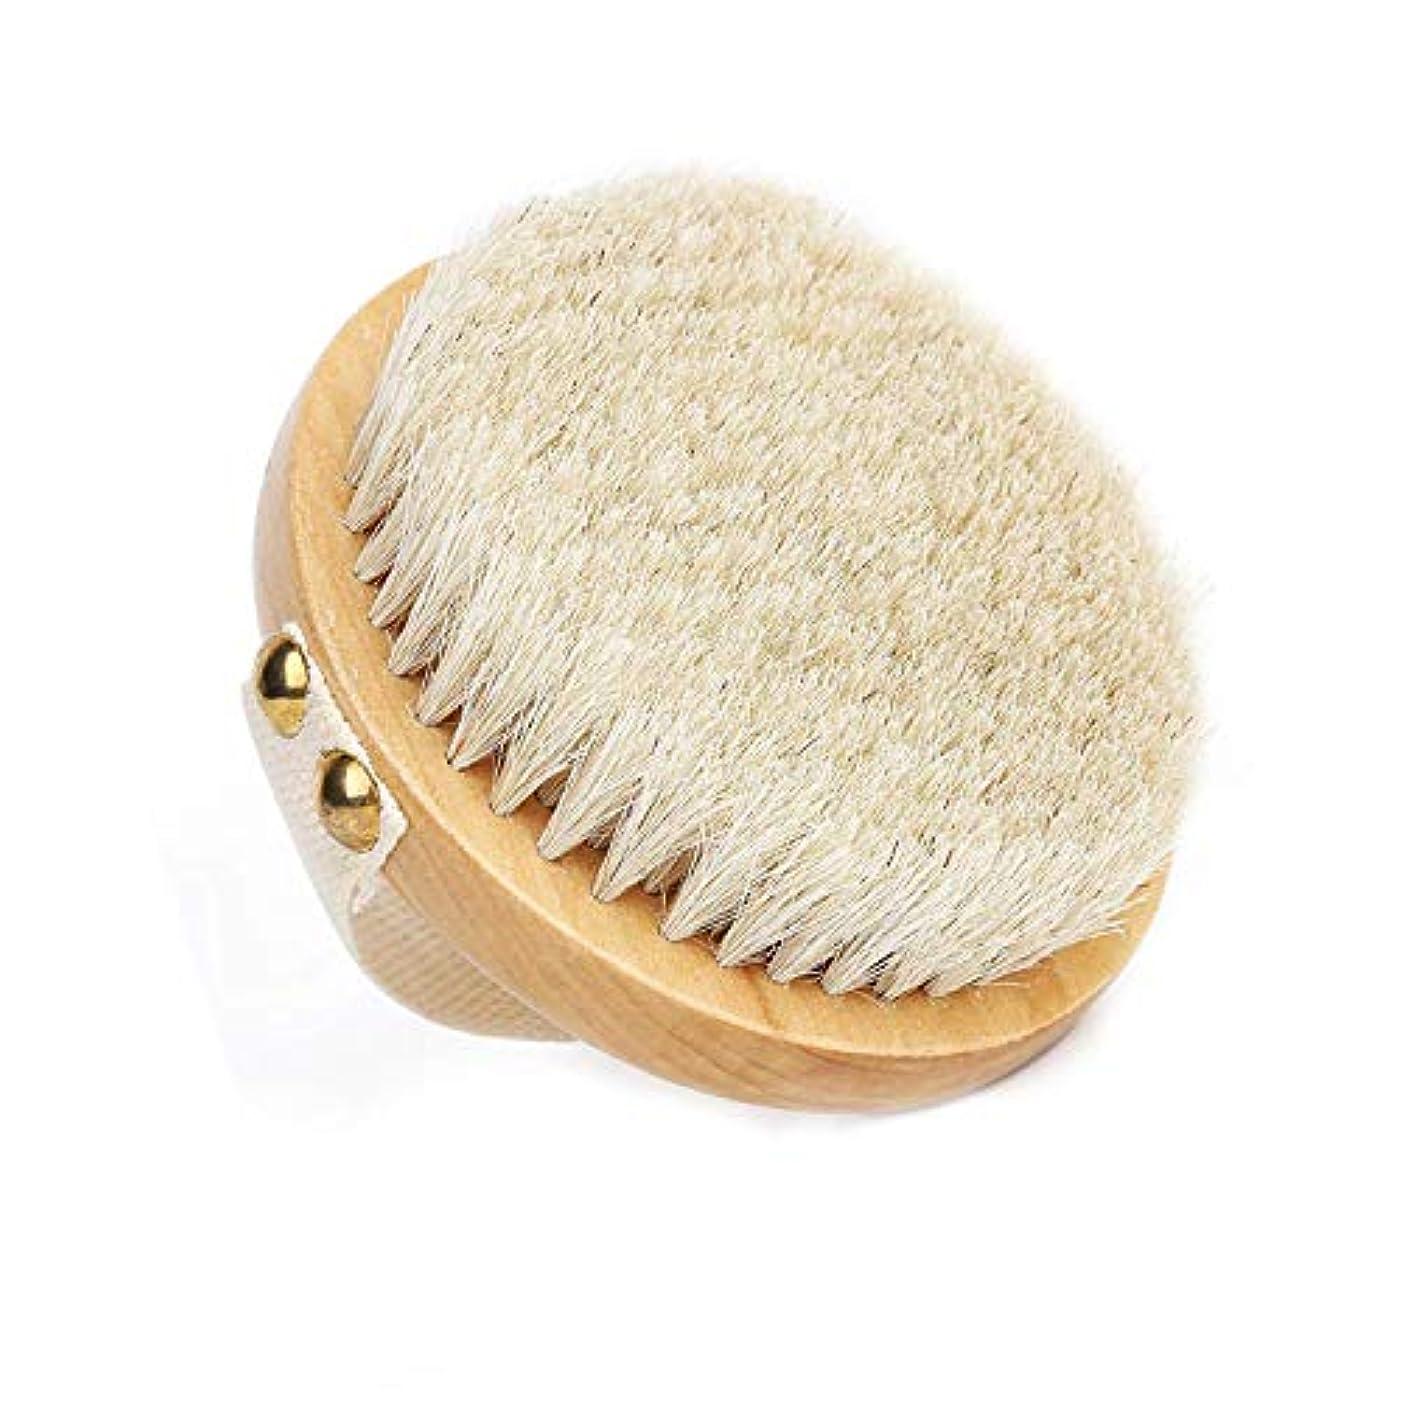 空気仕事言い聞かせるSuyika ボディブラシ 高級な馬毛100% 角質除去 全身マッサージ バス用品 お風呂用 体洗い用品 美肌 柔らかい 天然素材(丸型)